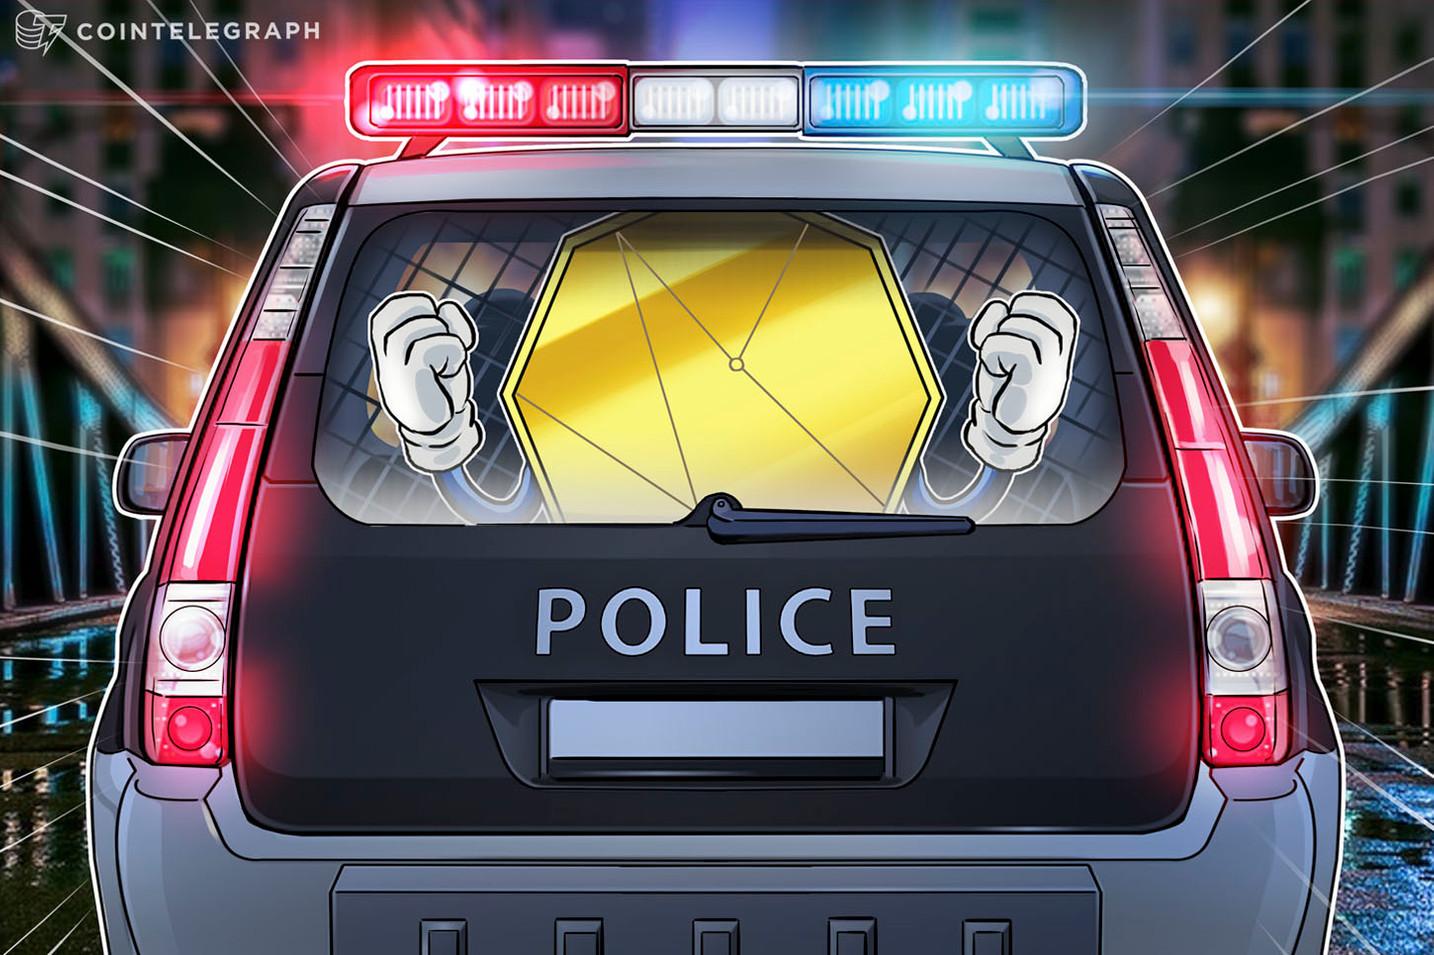 Policiais federais vêem 'indícios de irregularidade' na BWA, comandada por empresário sequestrado pela polícia